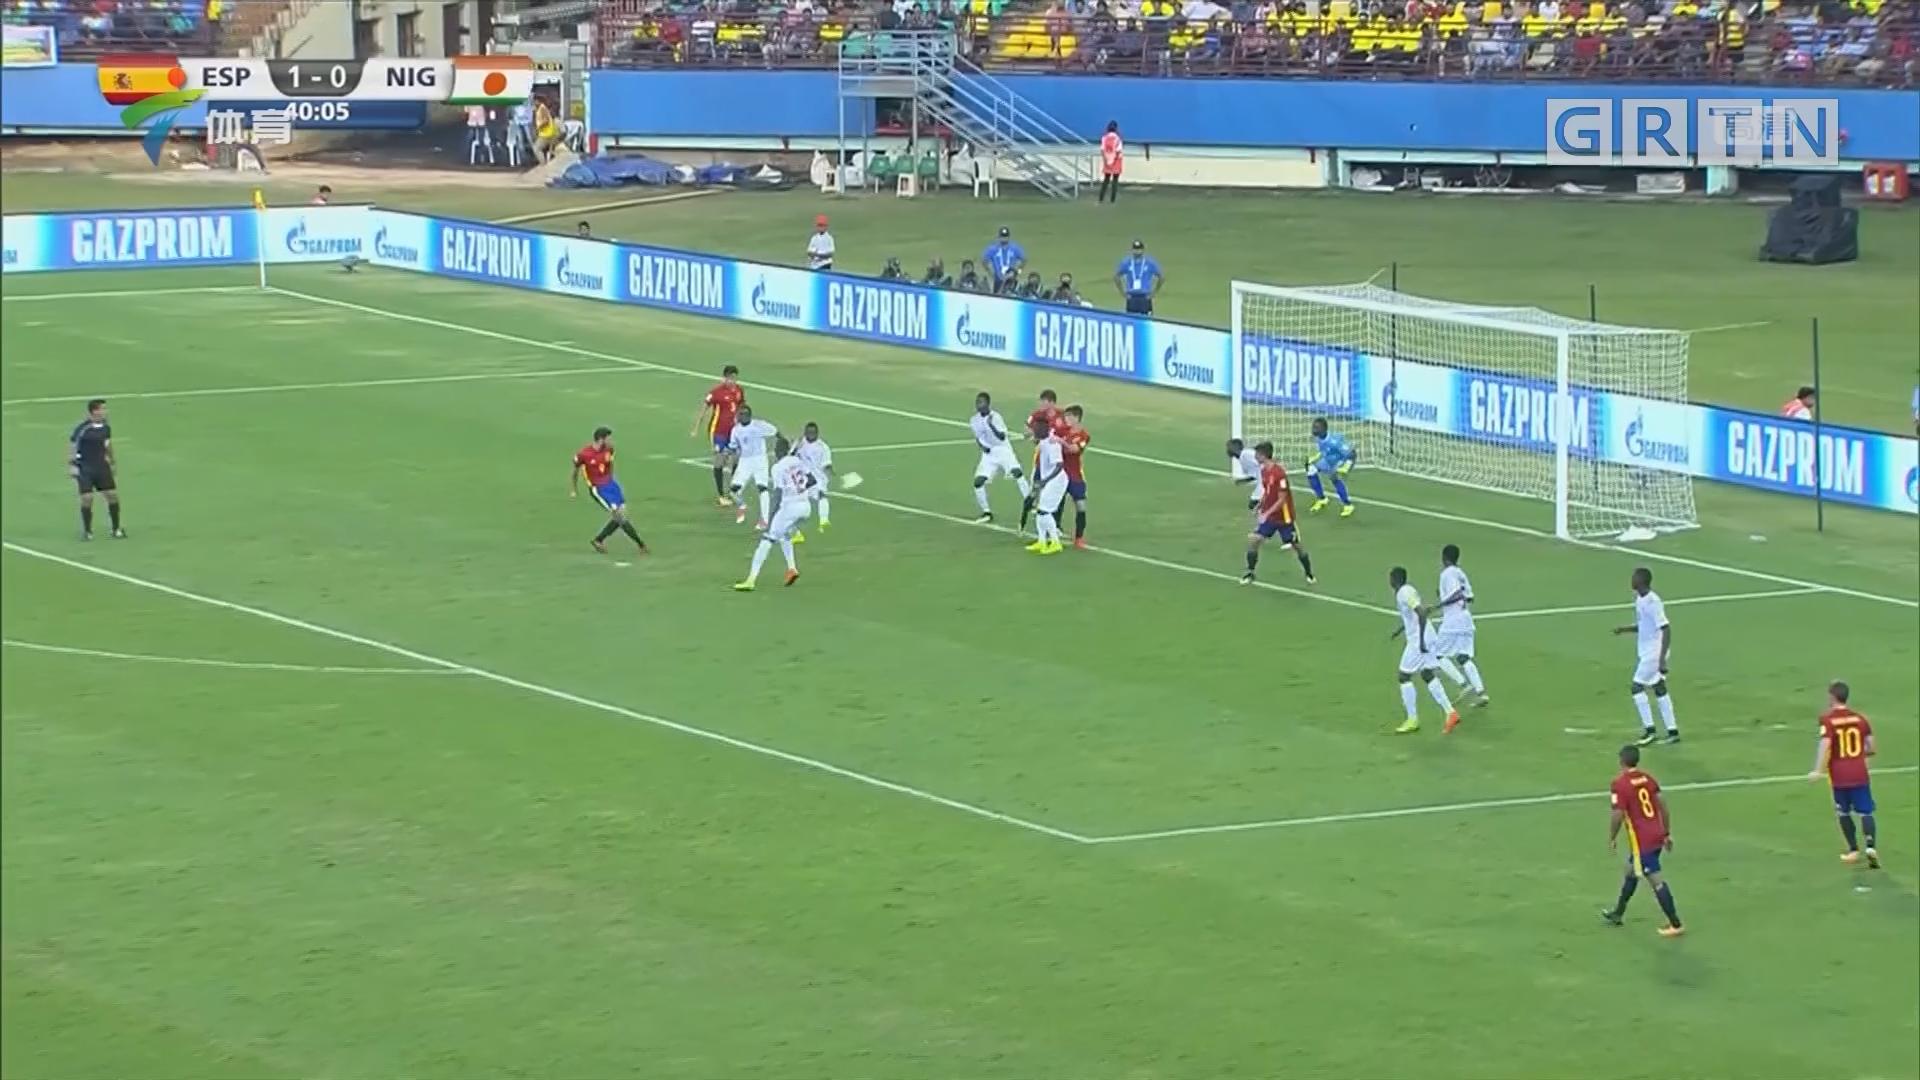 德尔斐两传一射 伊朗队大胜德国队